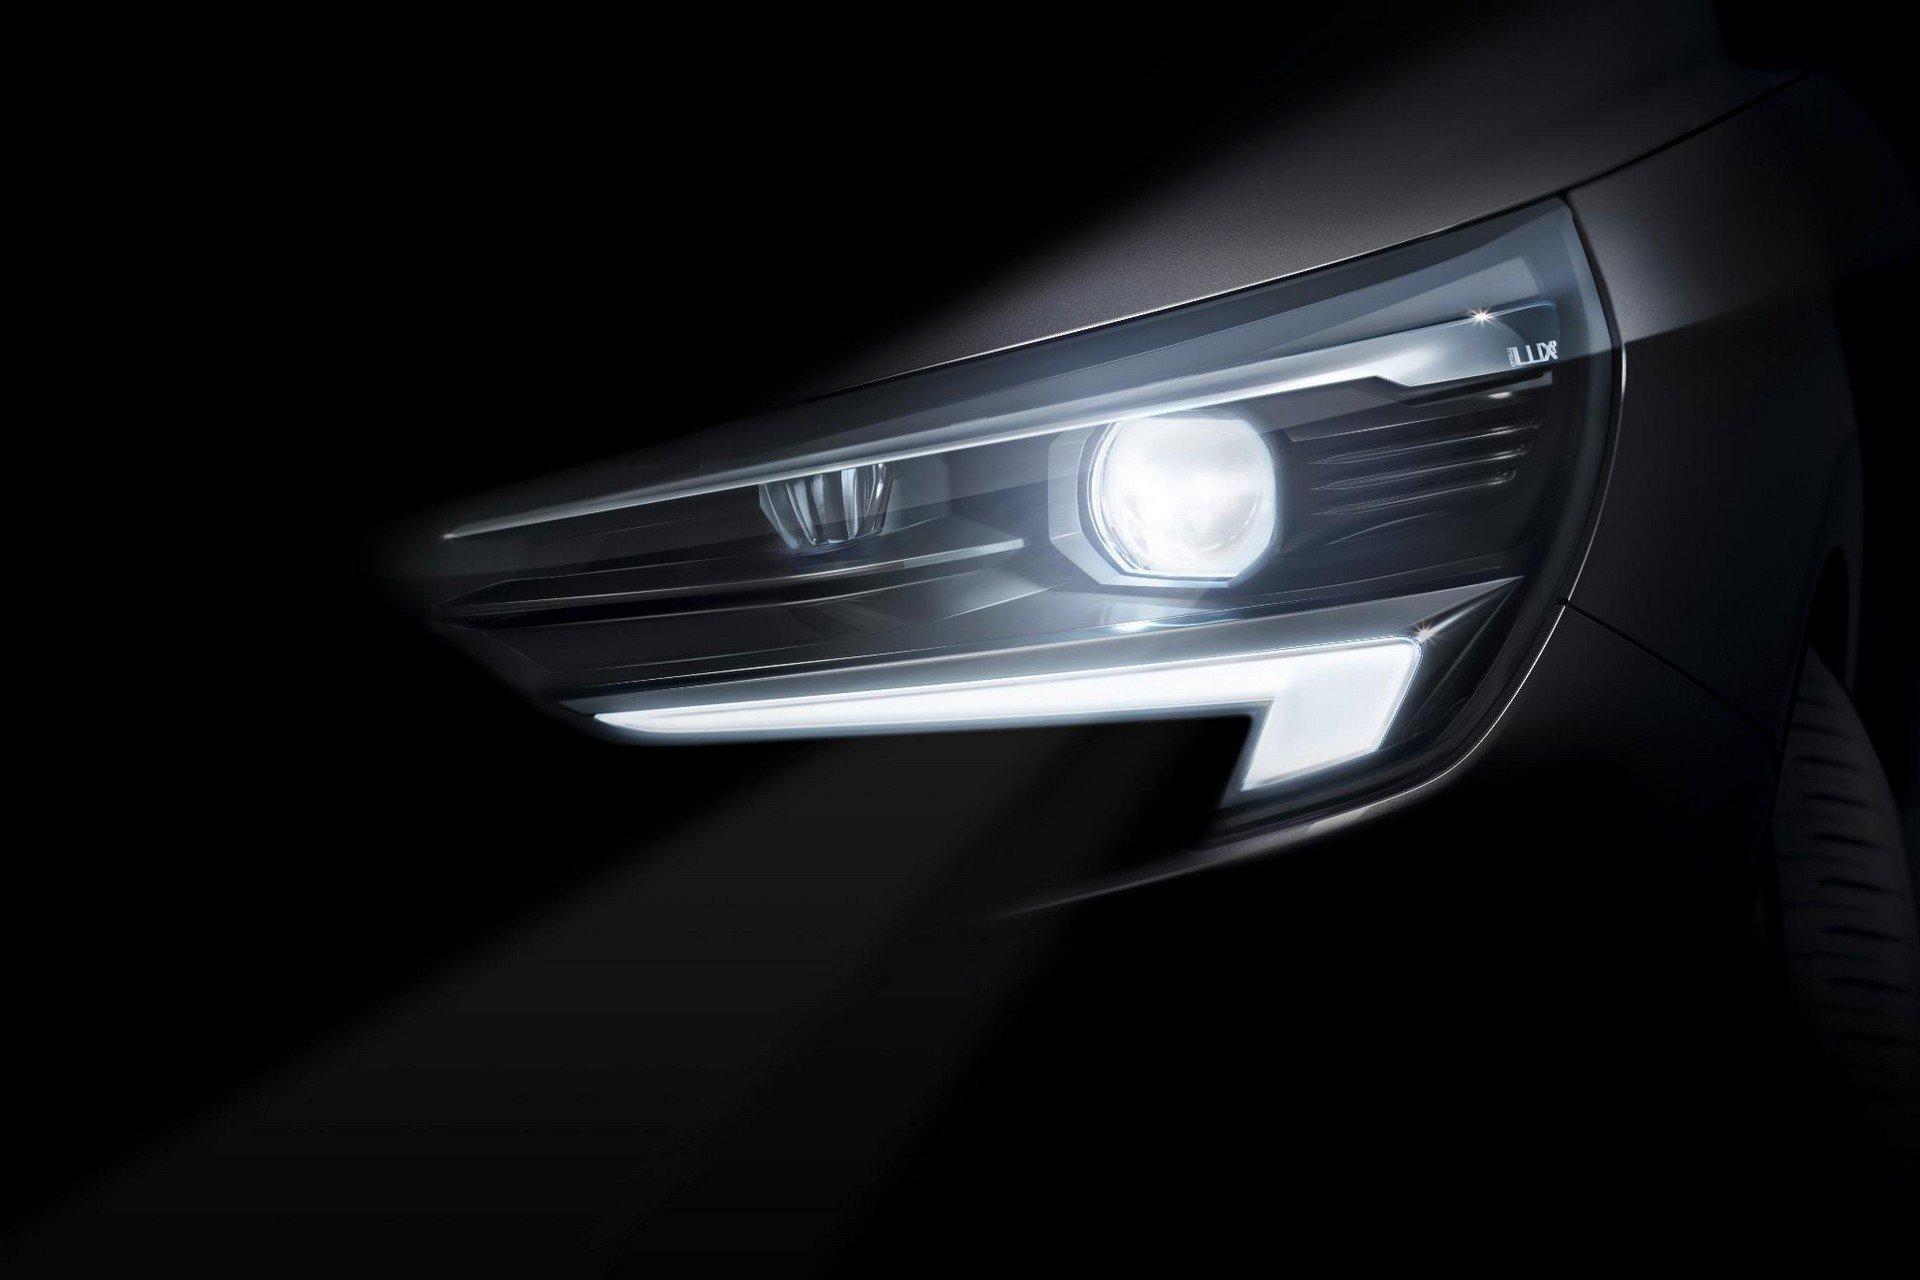 Nowy Opel Corsa z reflektorami LED IntelliLux Matrix